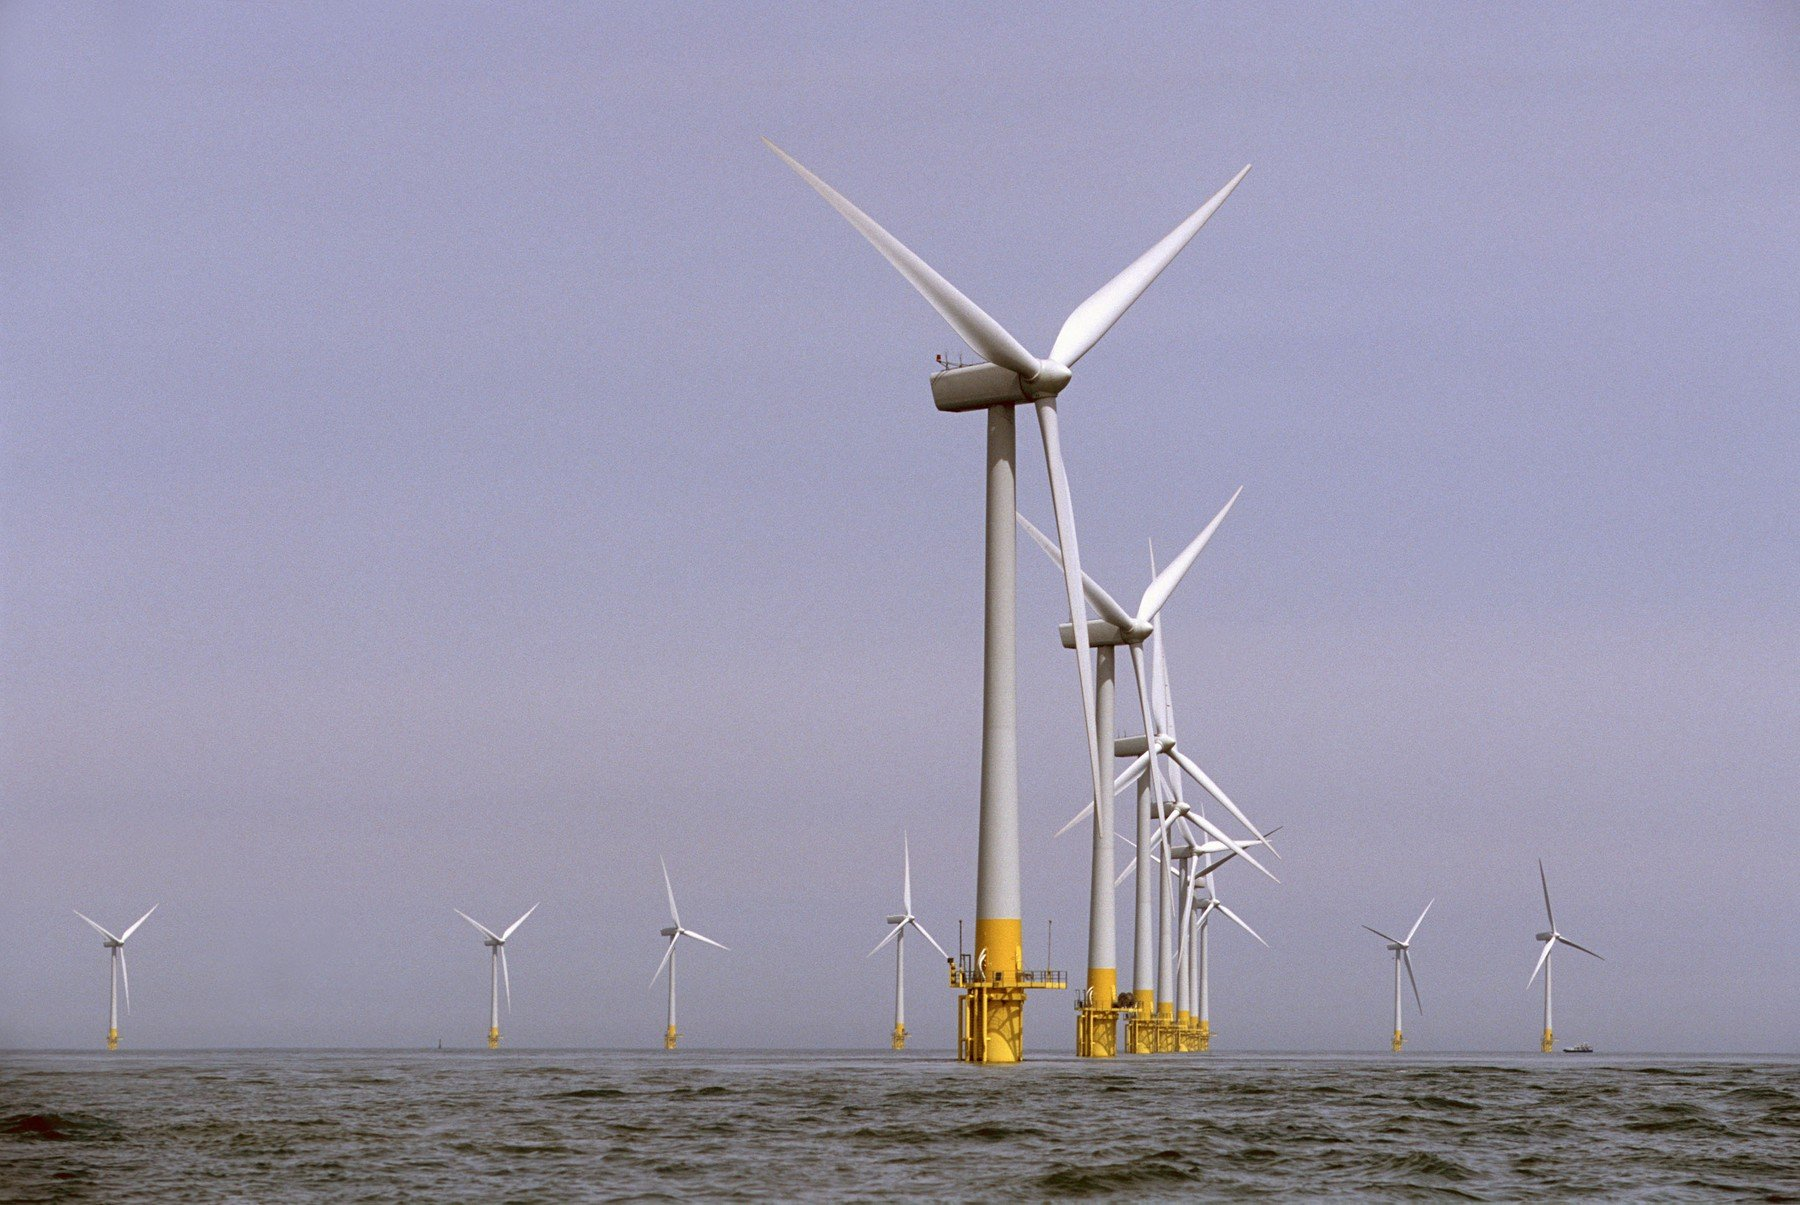 Vjetroelektrane Scroby Sands pokraj obale Velike Britanije čiji je vlasnik tvrtka E.on